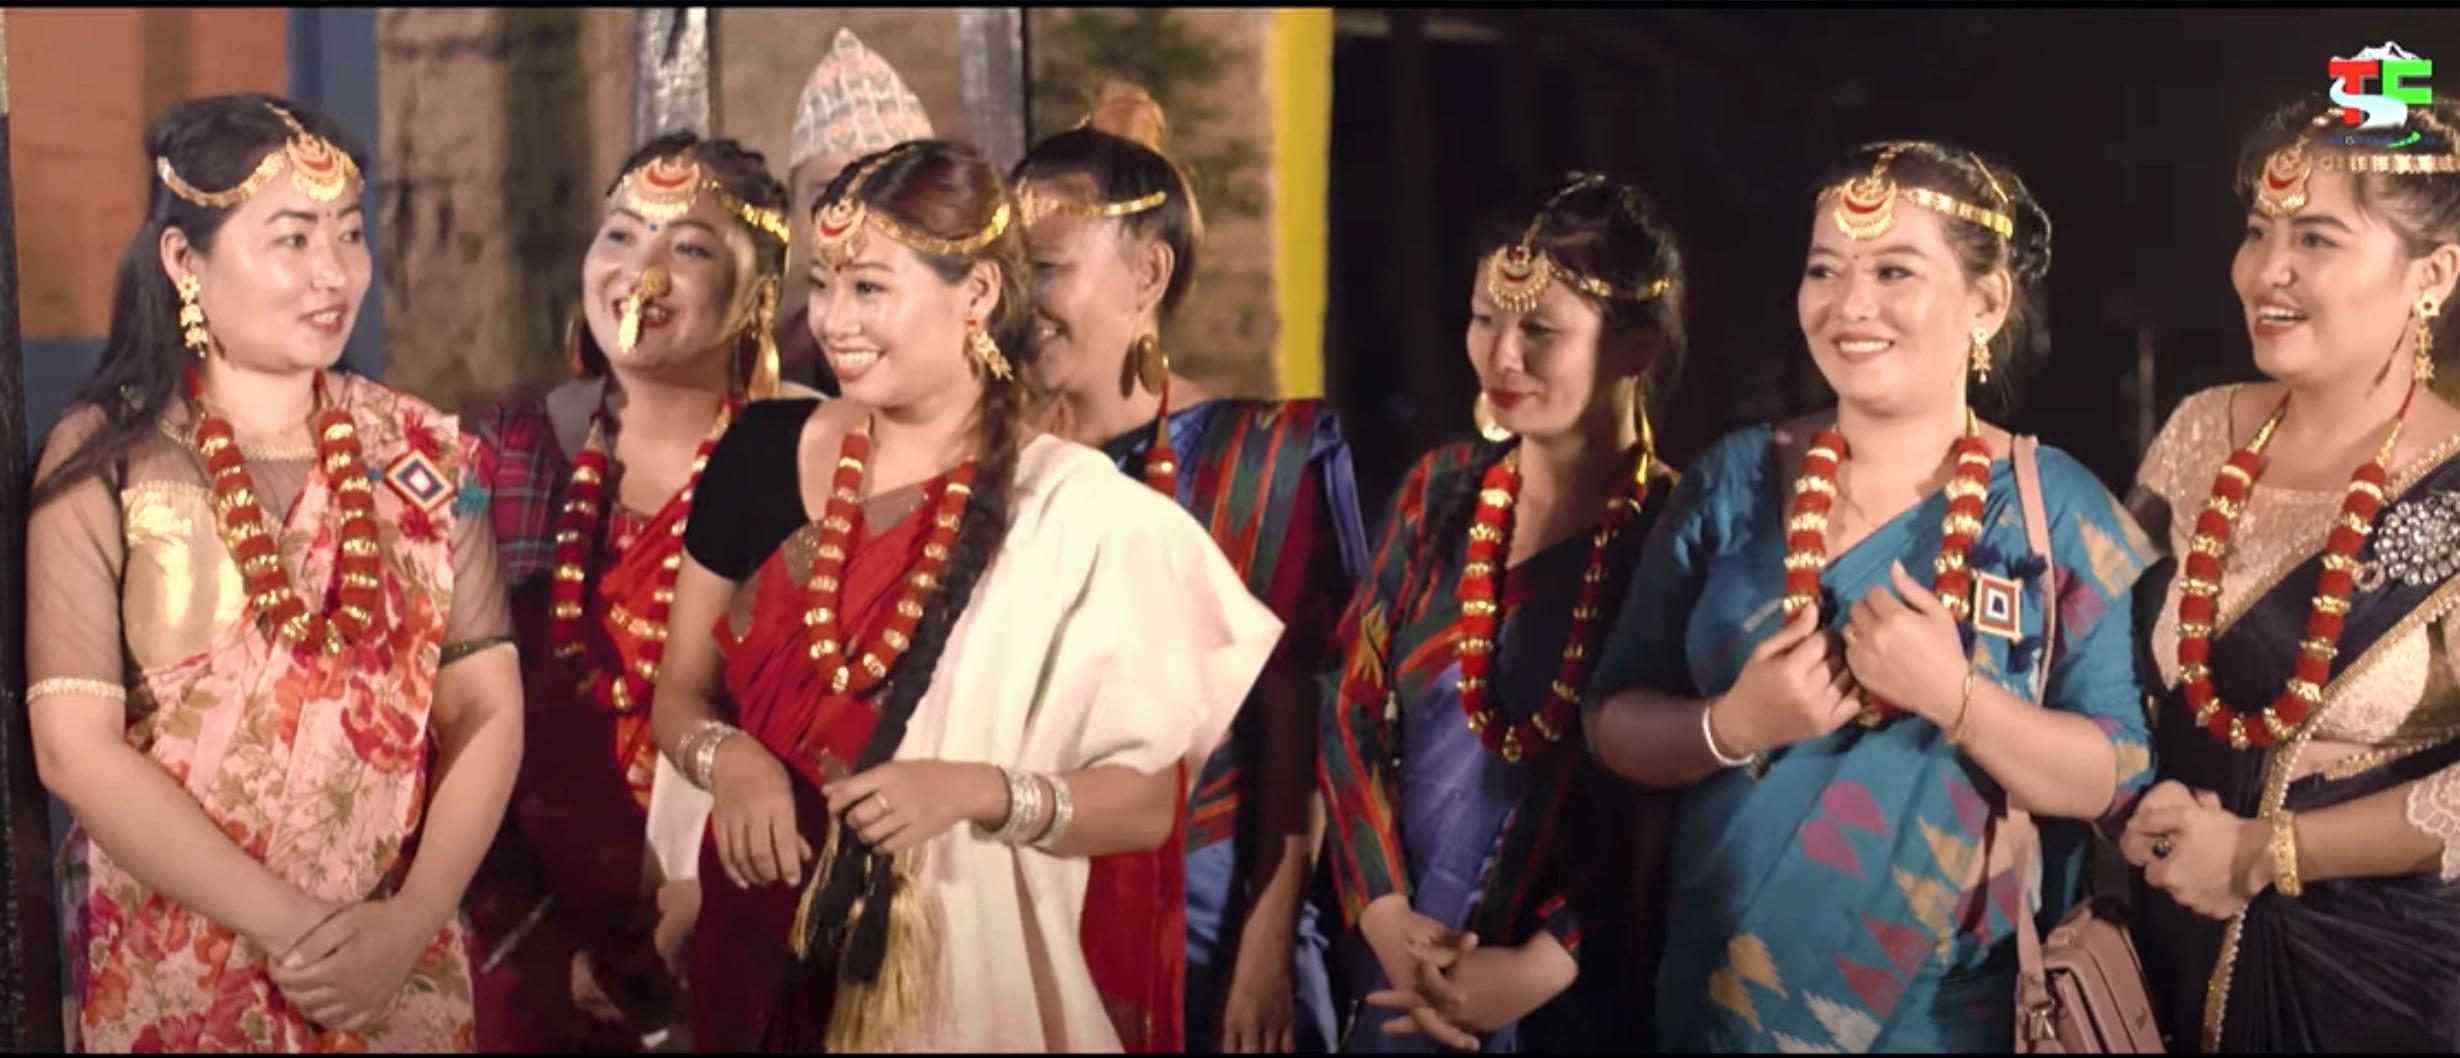 सुमन र गंगाको स्वरमा पाःलाम 'आनी याक्थुङबा' सार्वजनिक (भिडियो सहित)